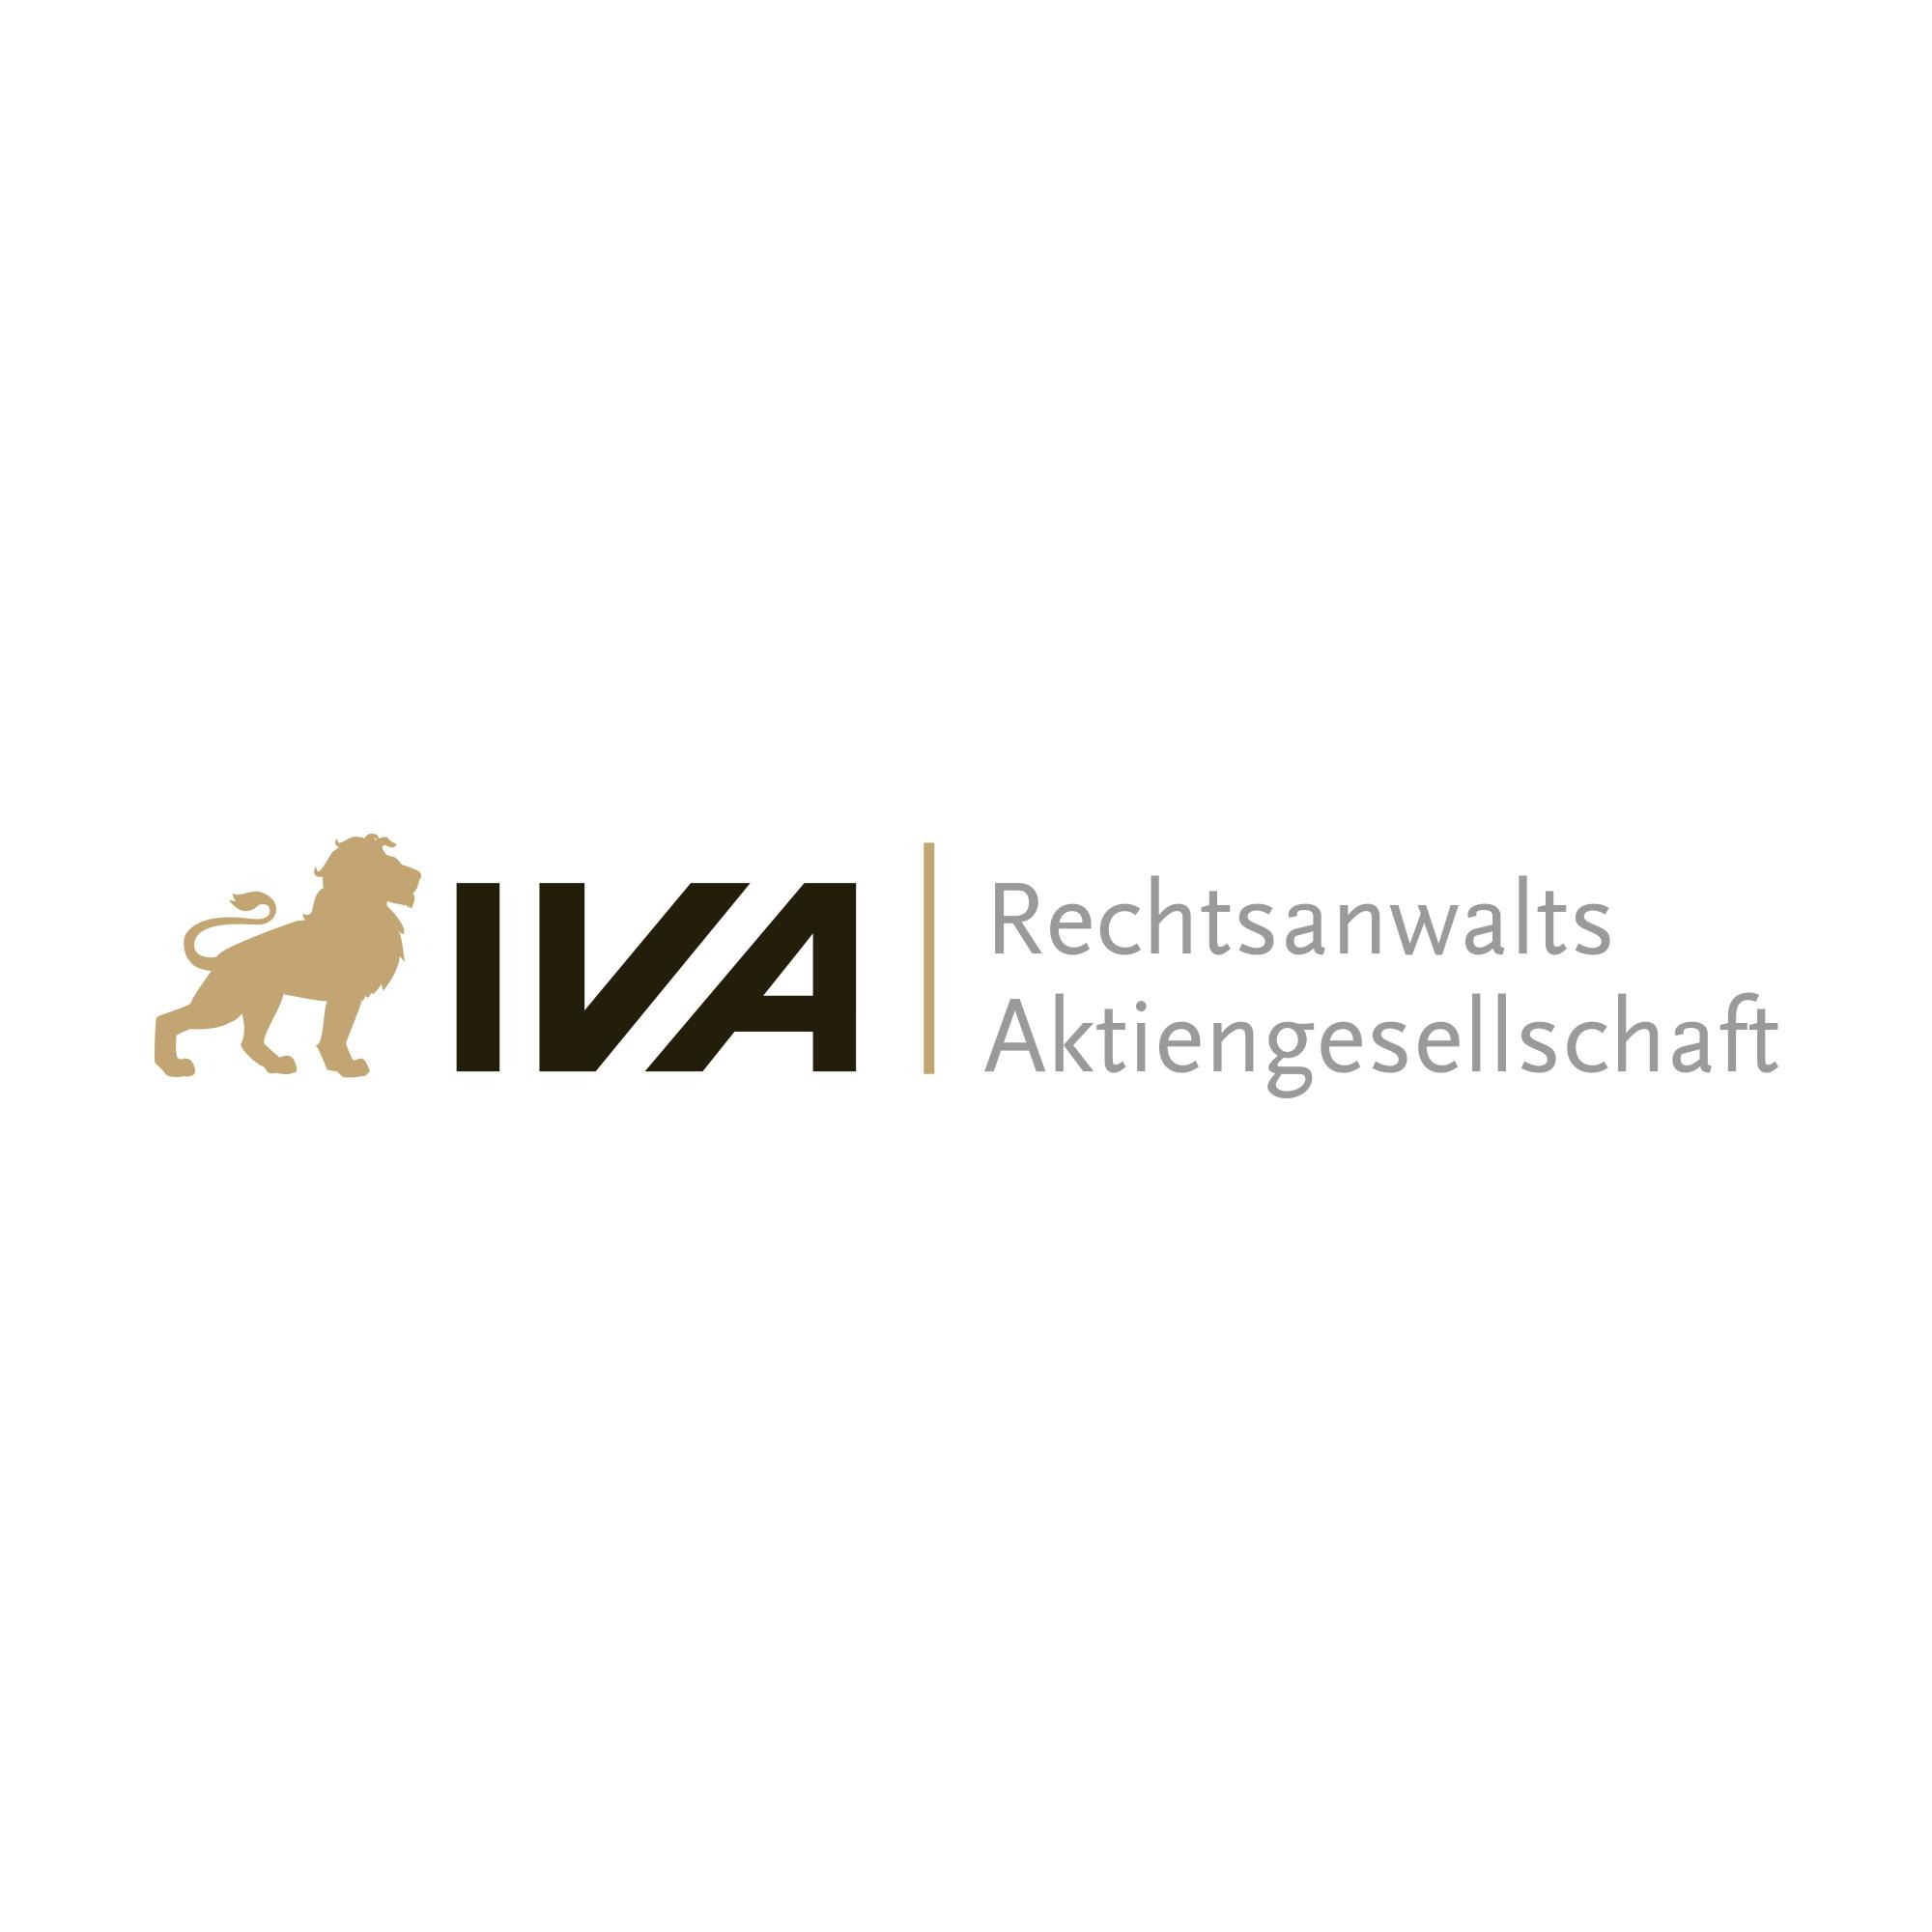 LG Karlsruhe: Bank muss für Überweisung an Betrüger haften und den ...